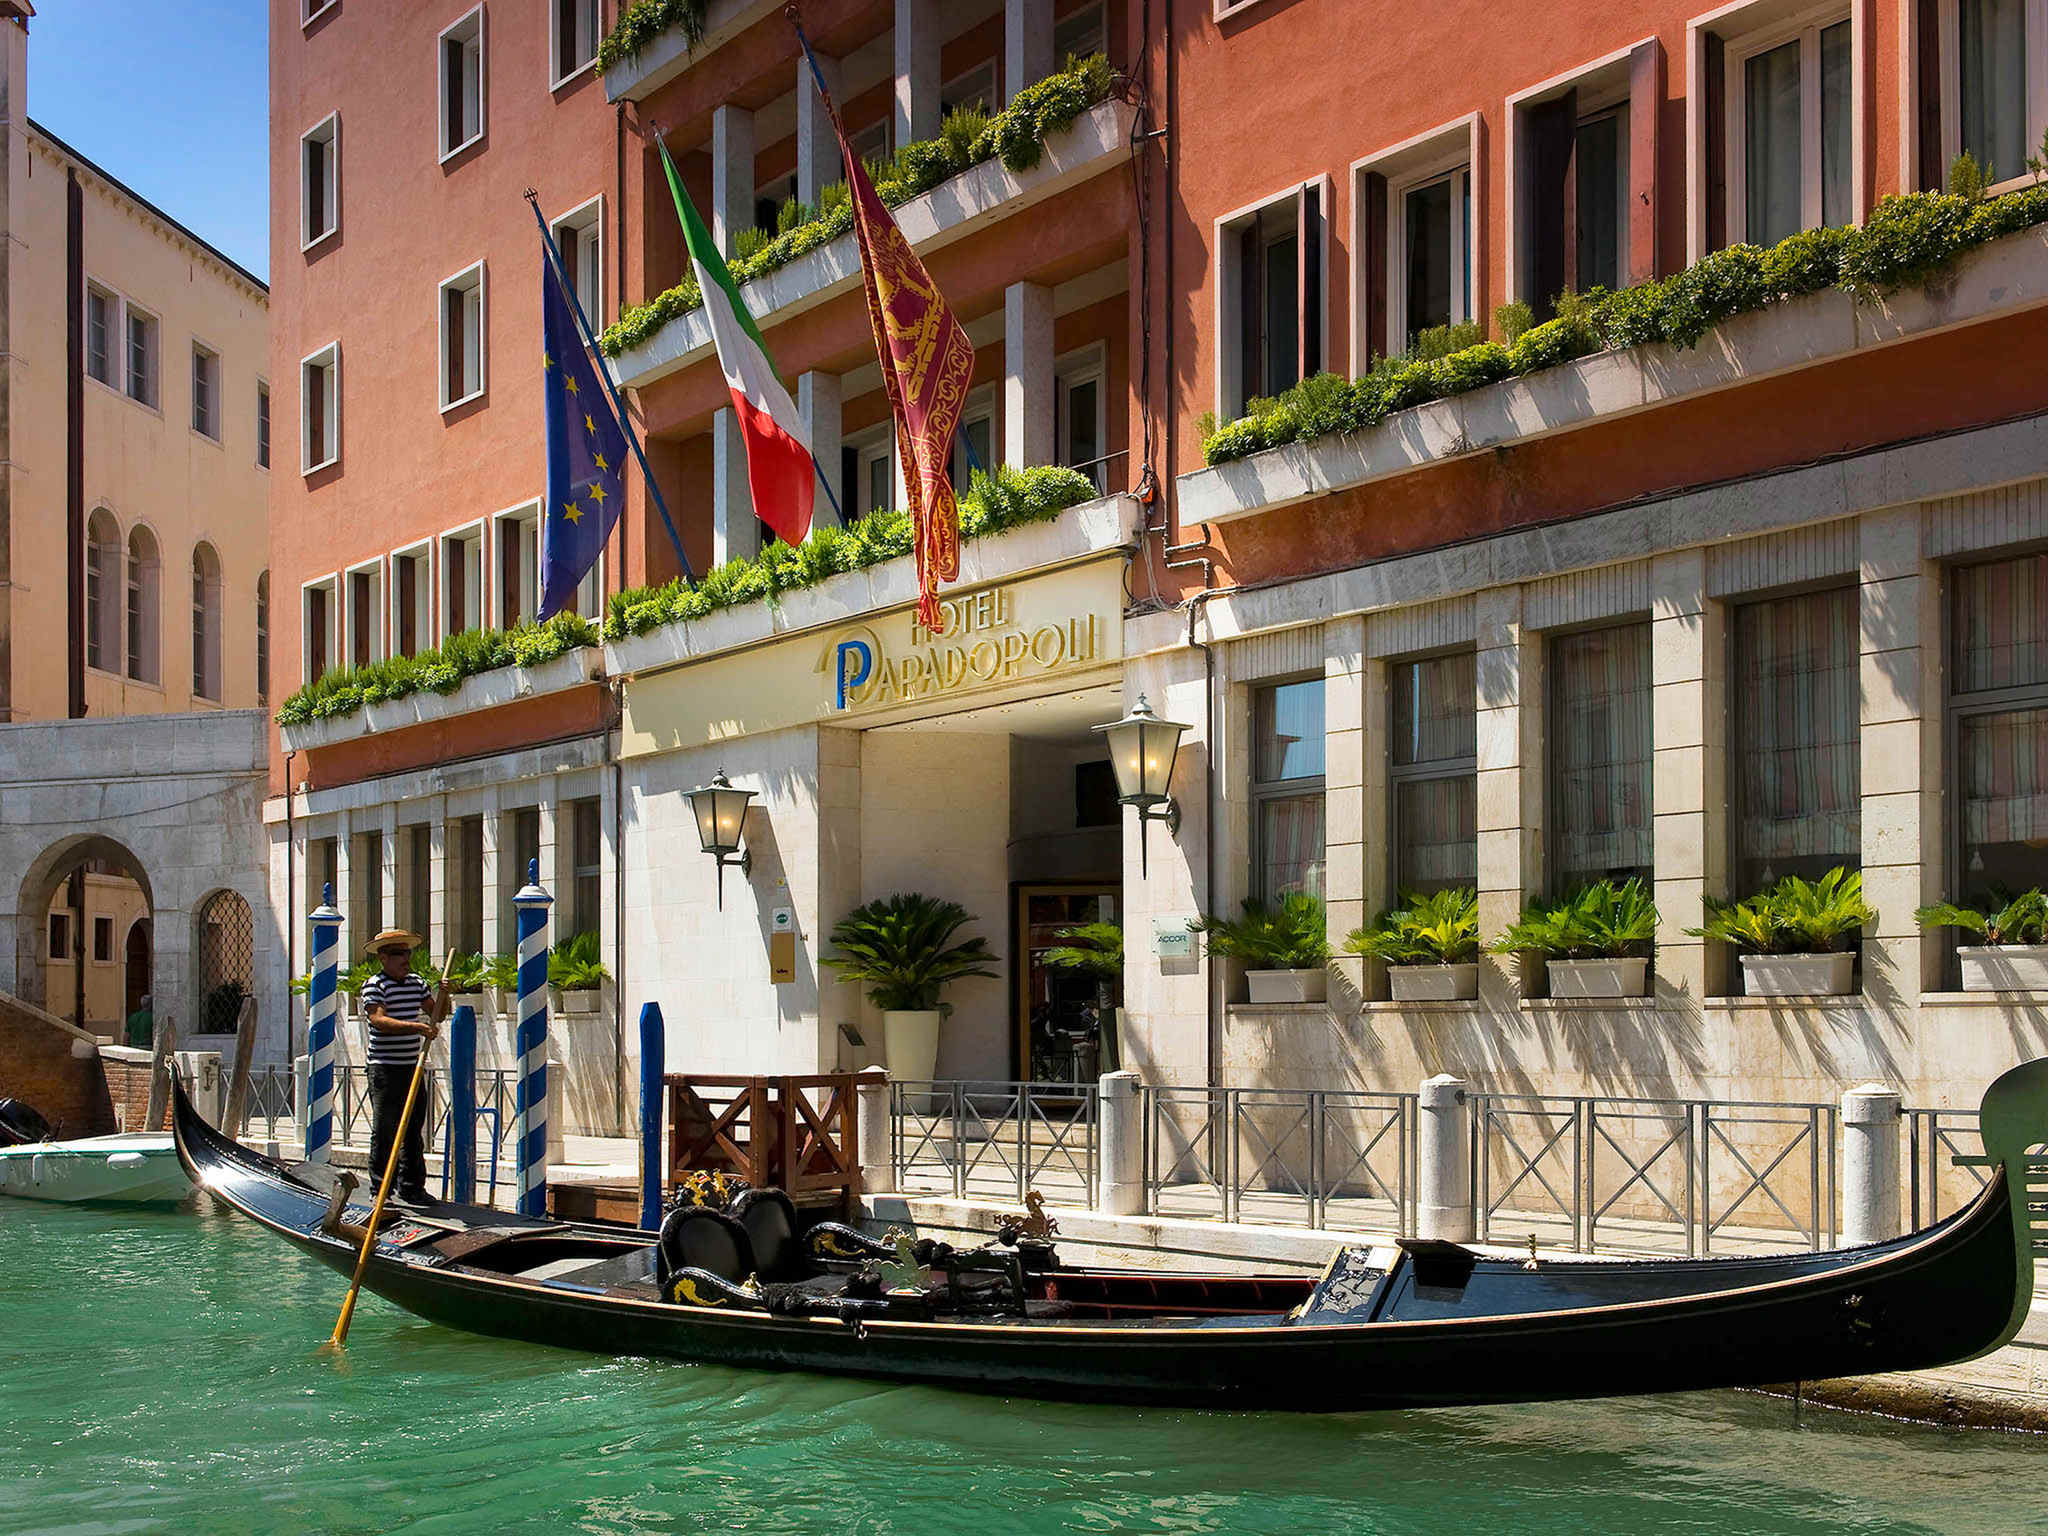 ホテル – ホテル パパドポリ ベネチア Mギャラリー by ソフィテル